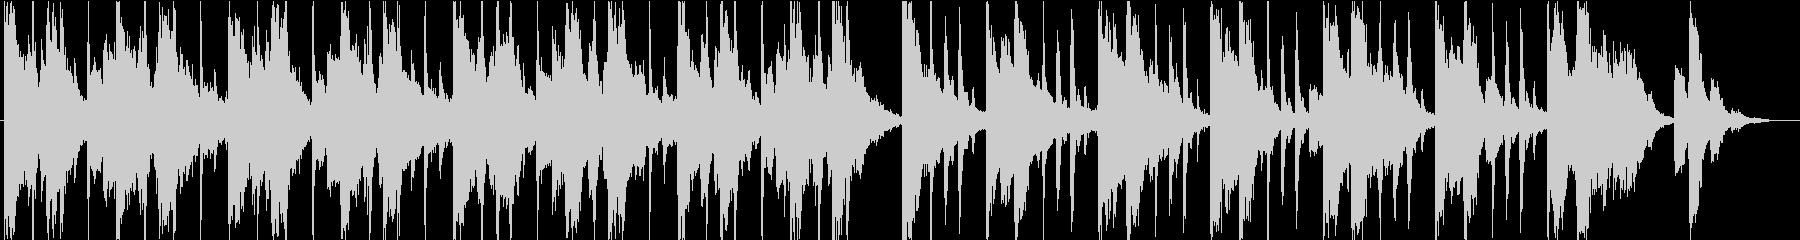 シティポップ/R&B_No460_4の未再生の波形